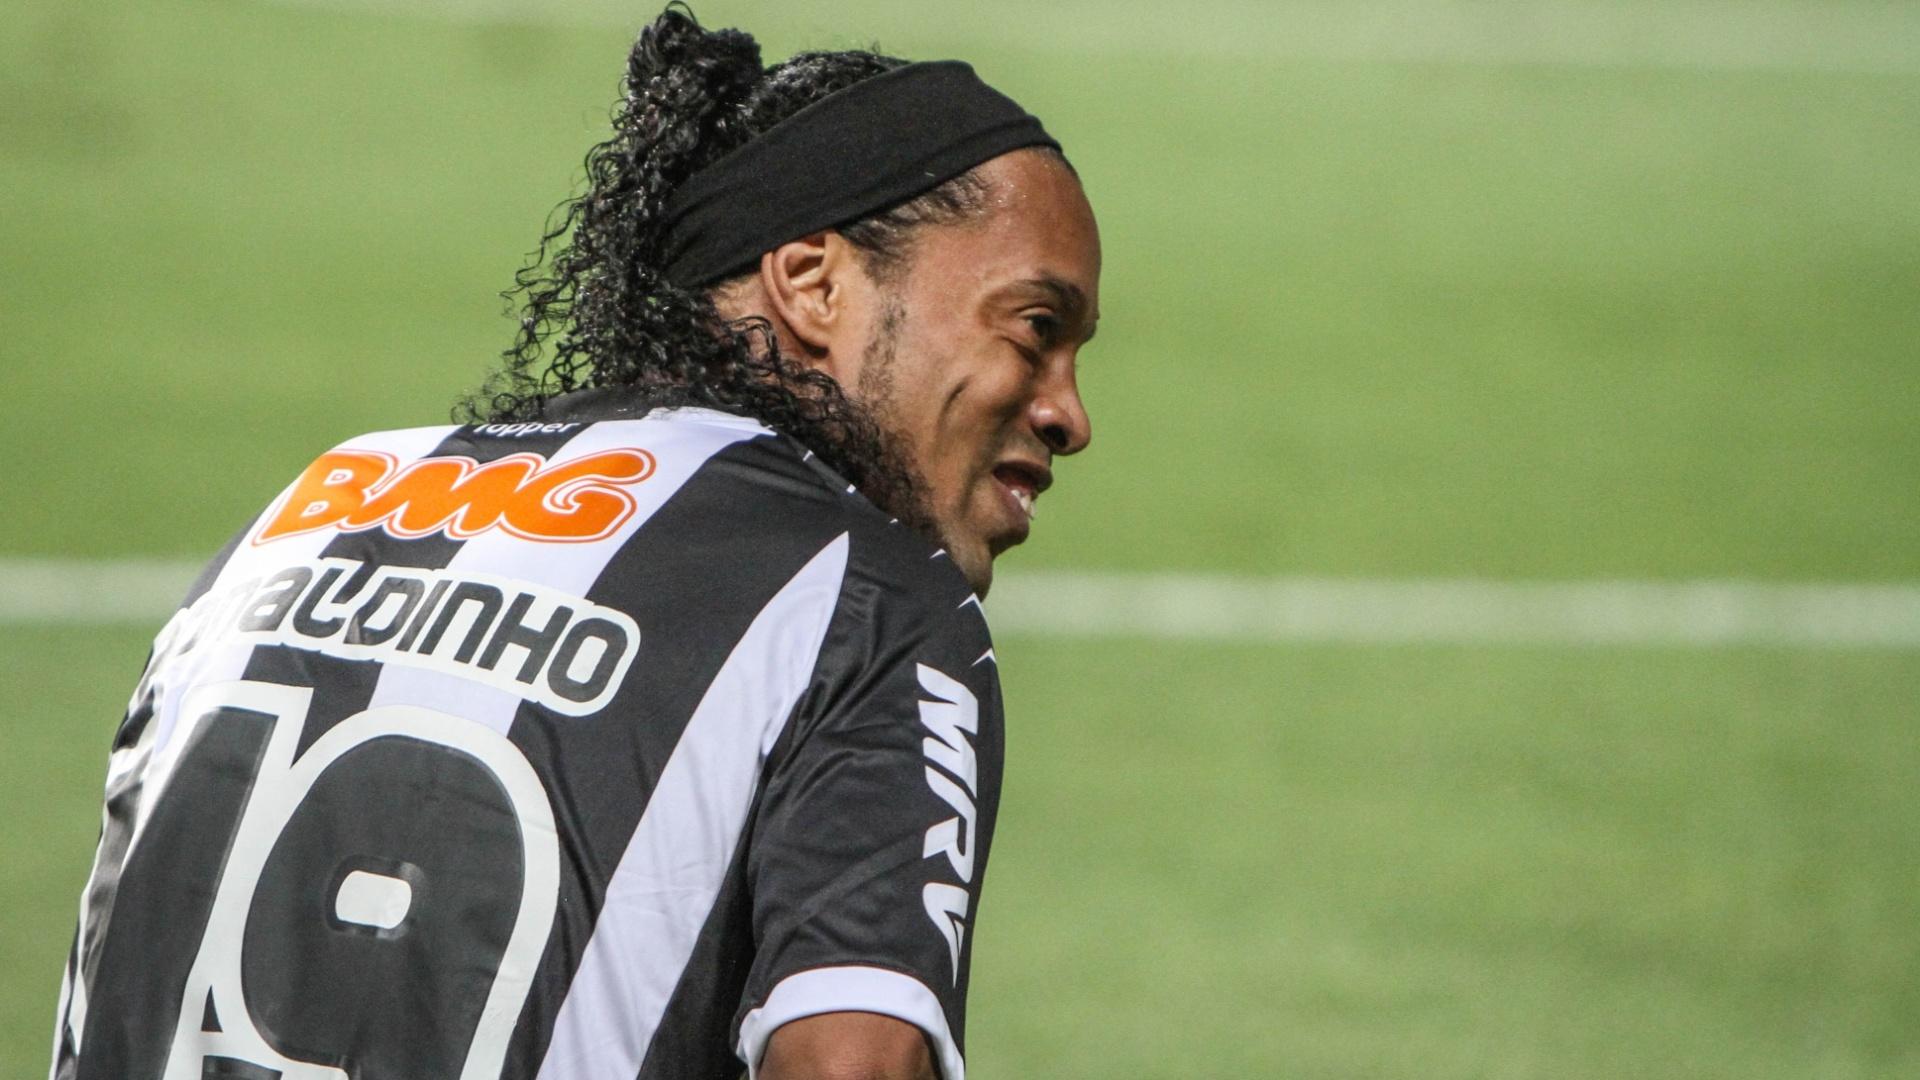 No chão, Ronaldinho Gaúcho reclama de falta na partida contra o Flamengo no Independência